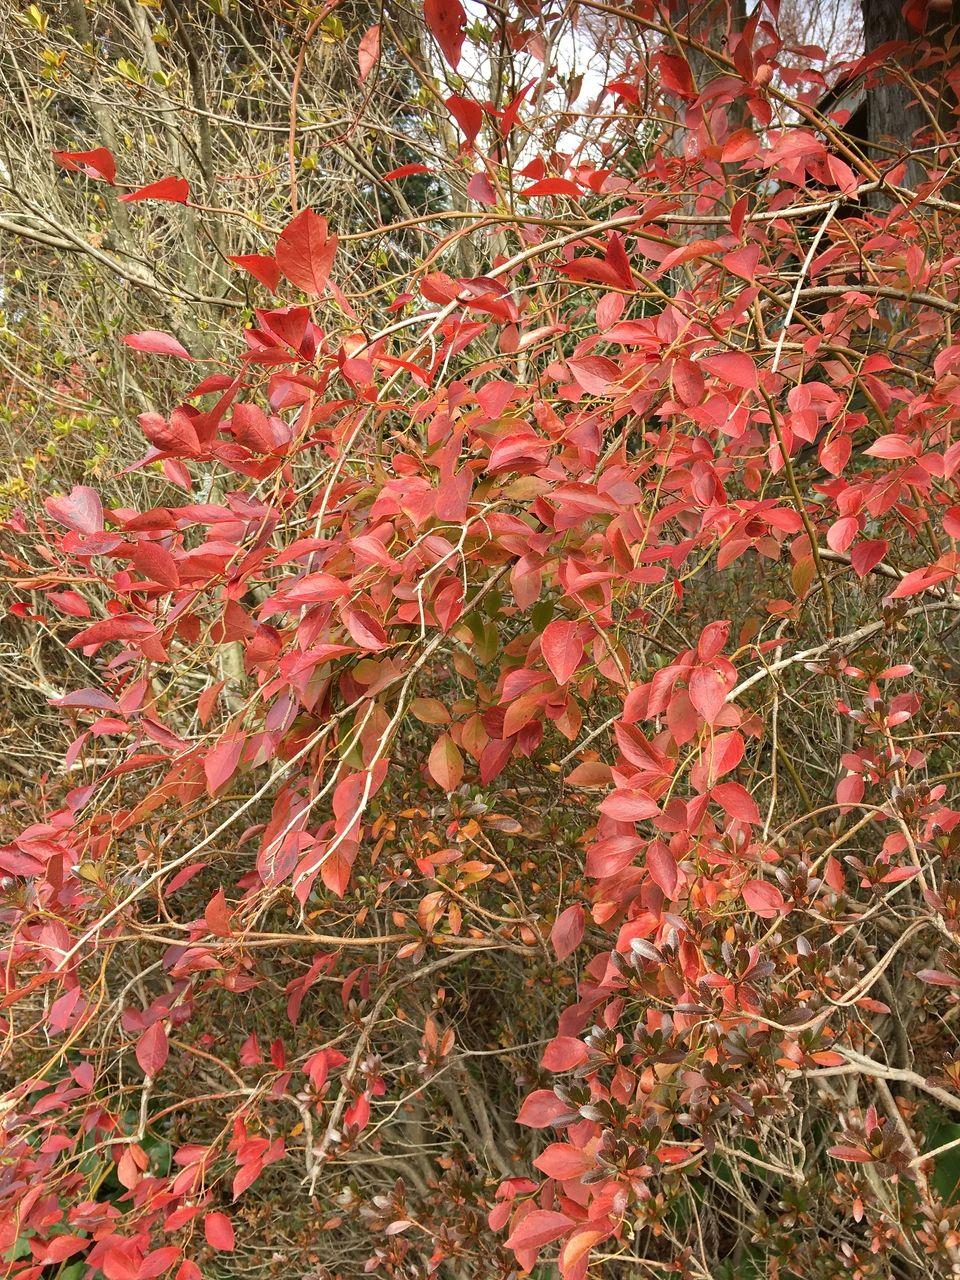 冬のきびしさの中真っ赤に萌えるブルーベリーの木